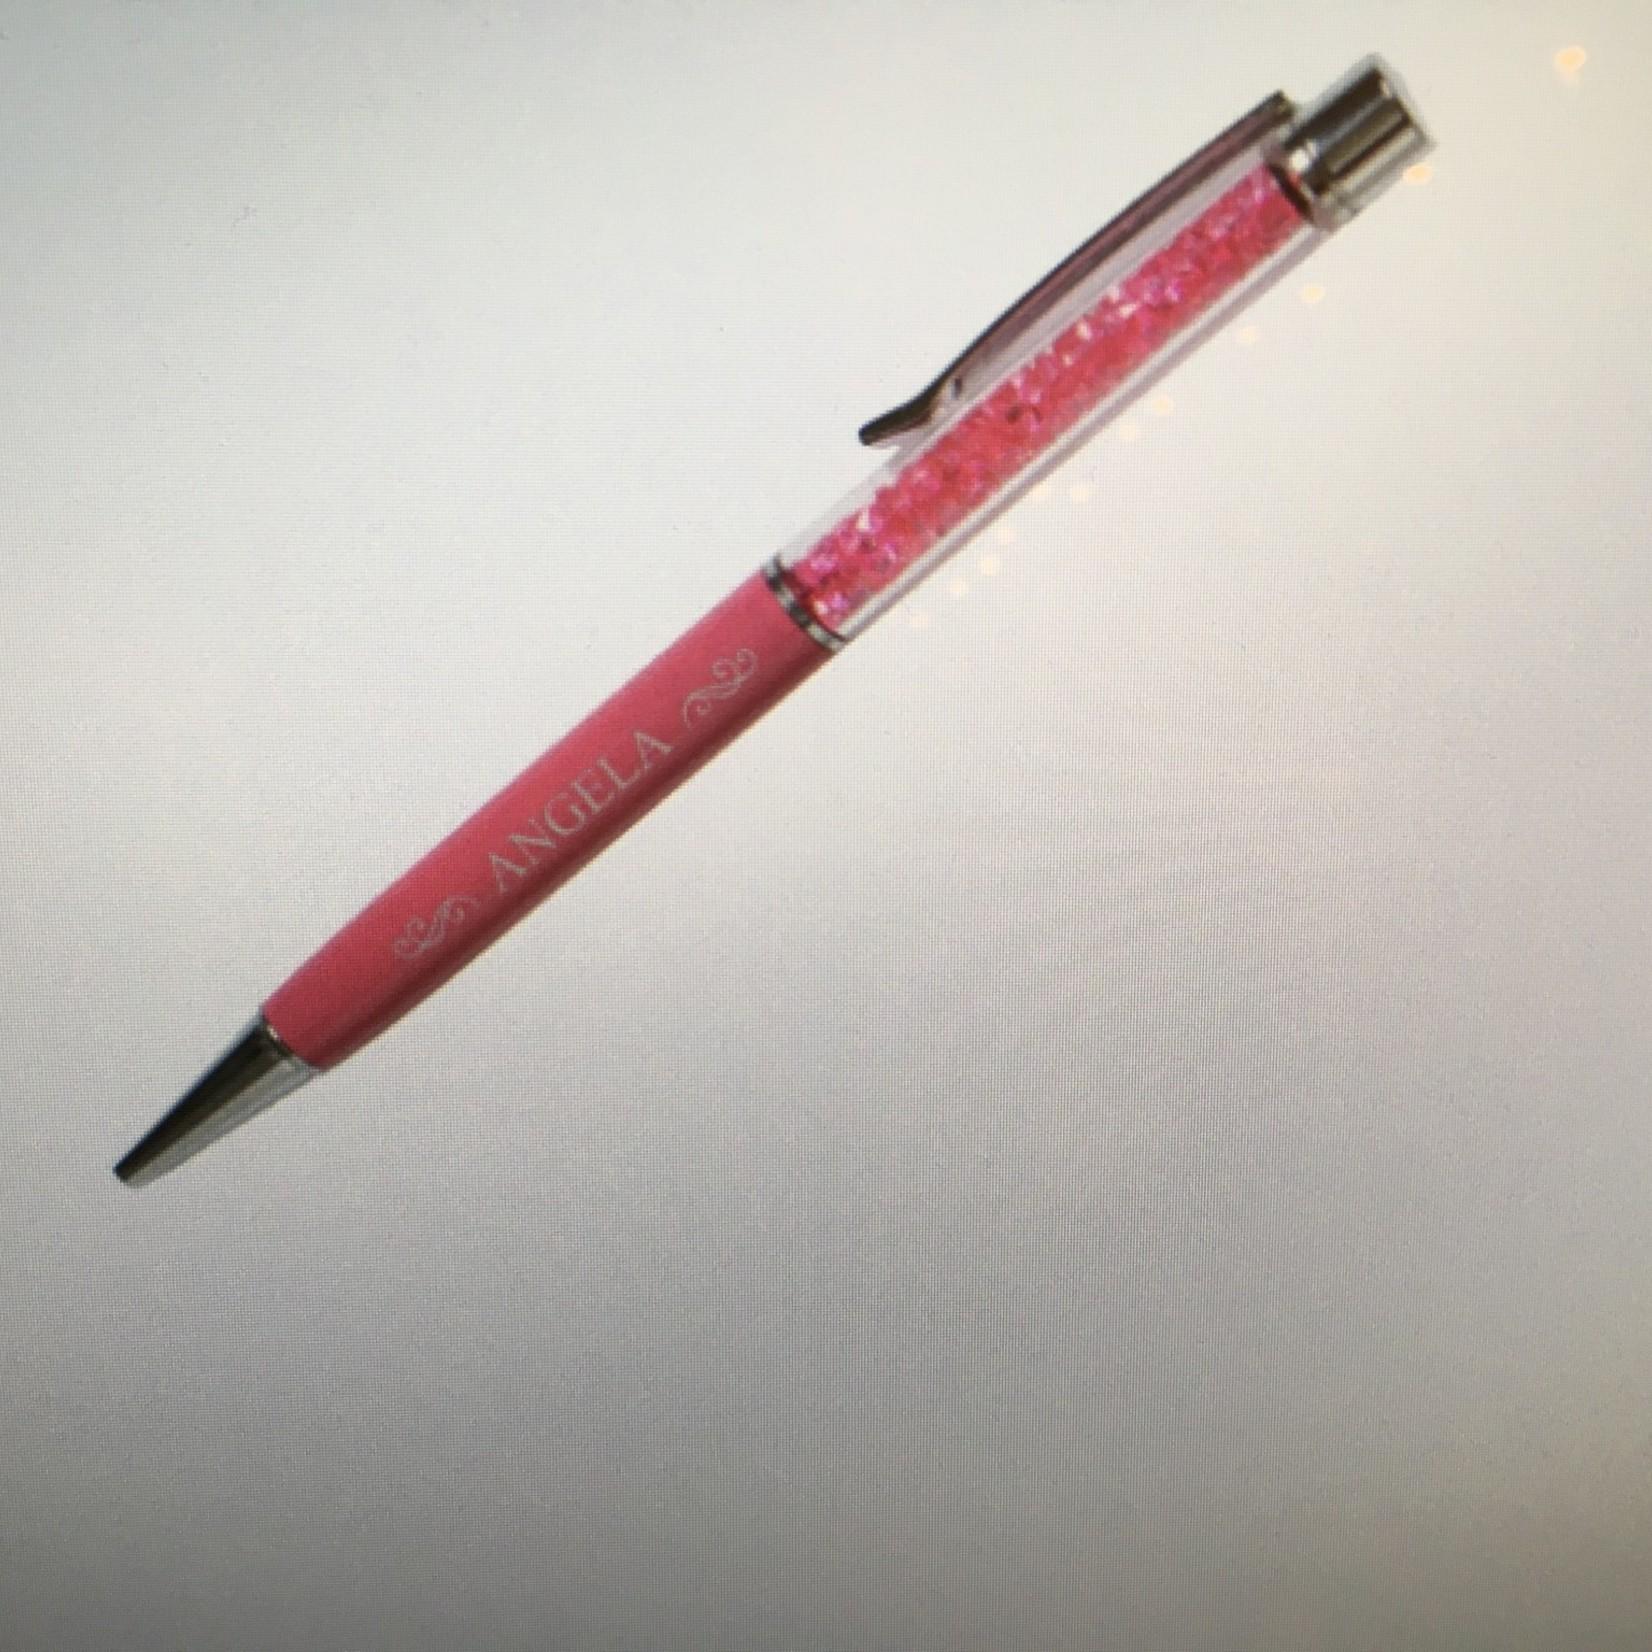 Jewel Pen - Pink